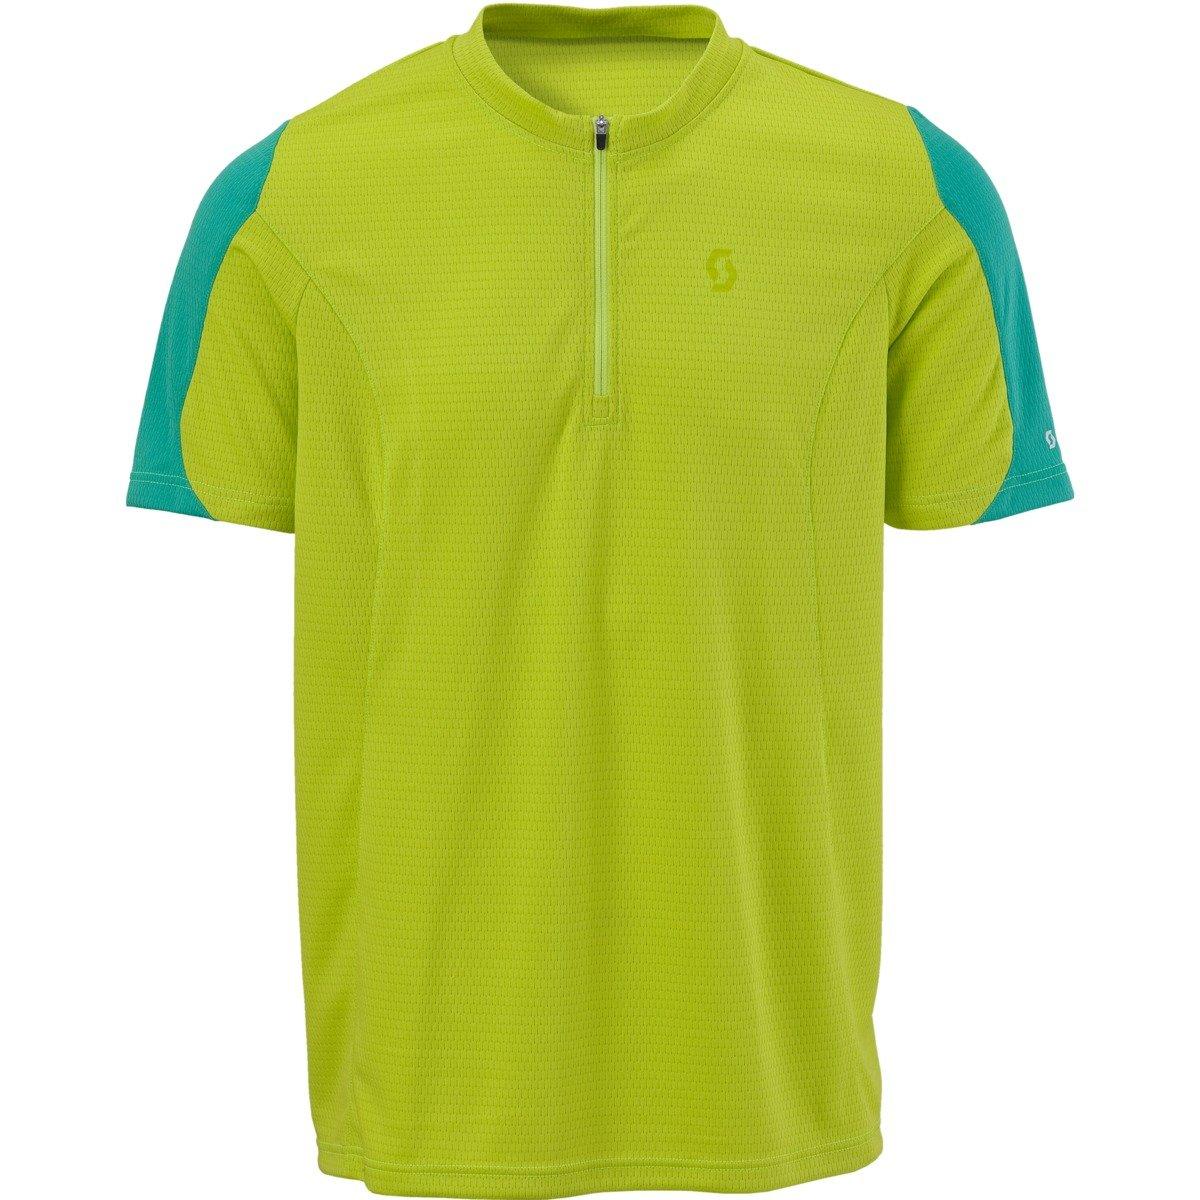 Scott Bicicletta da Strada con cerniera collo a maniche corte ciclismo 221581288100T Shirt, lime